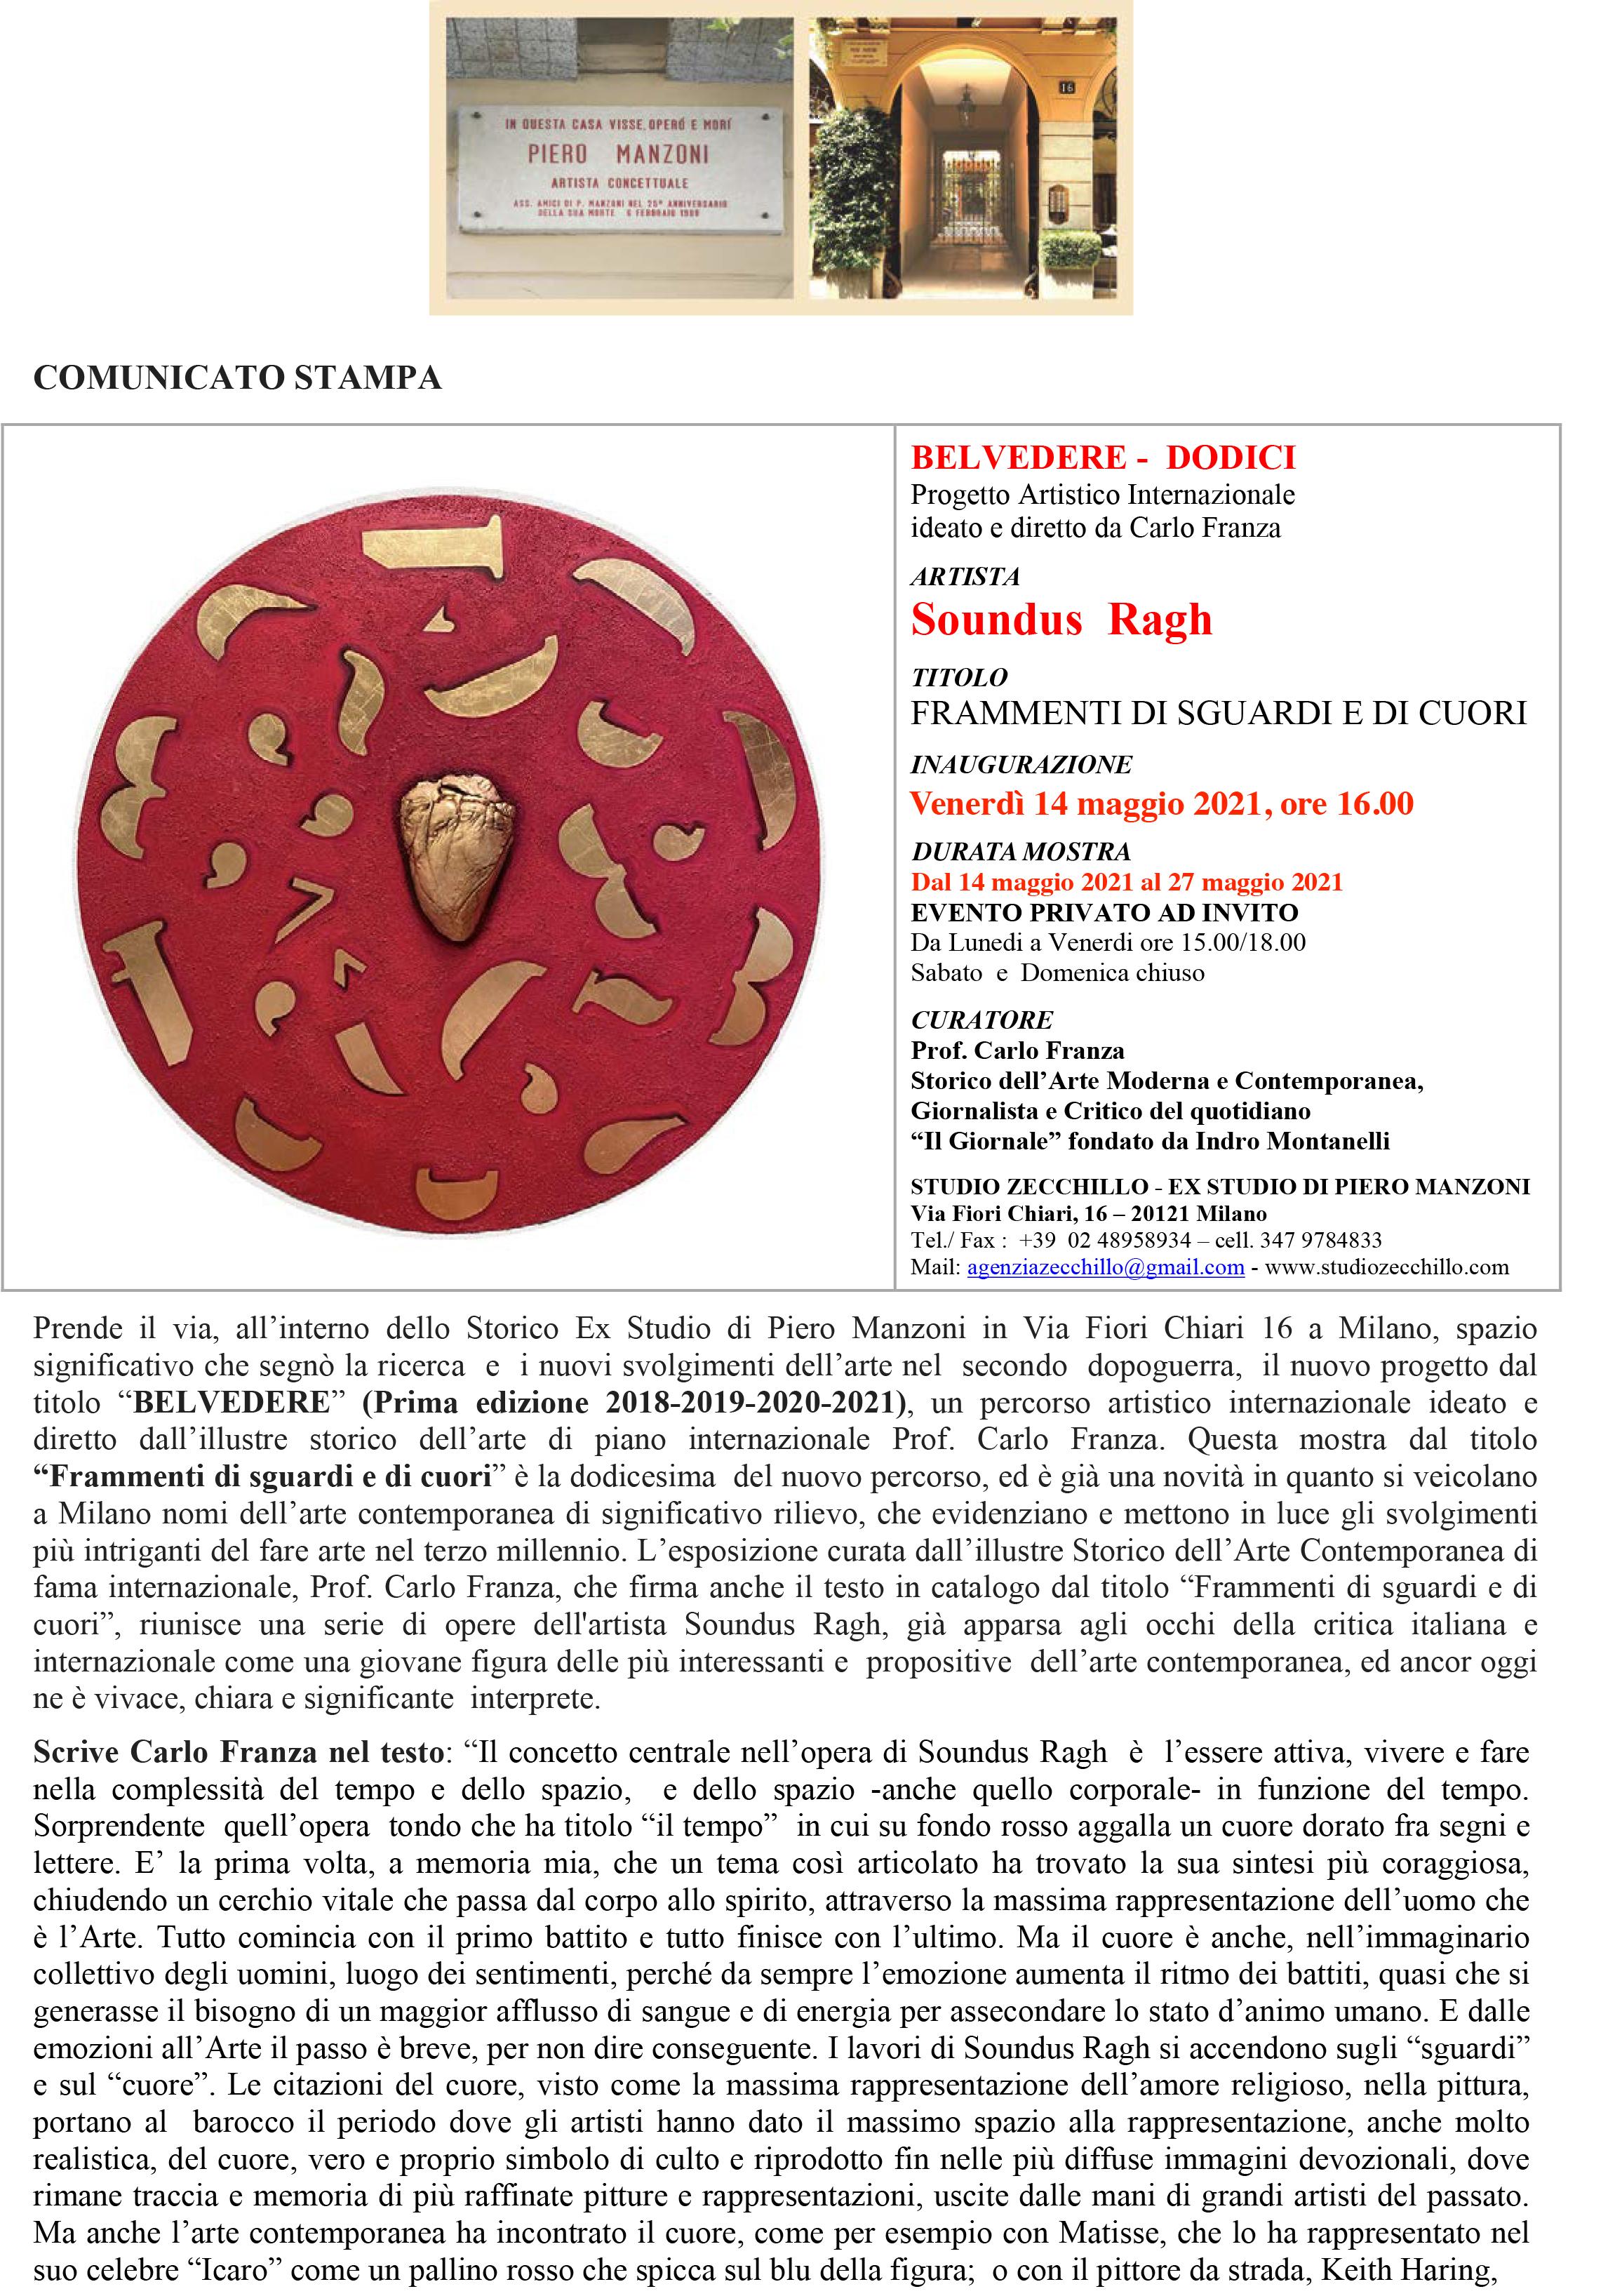 COMUNICATO STAMPA MOSTRA SOUNDUS RAGH, Ex Studio Piero Manzoni aprile 2021-1